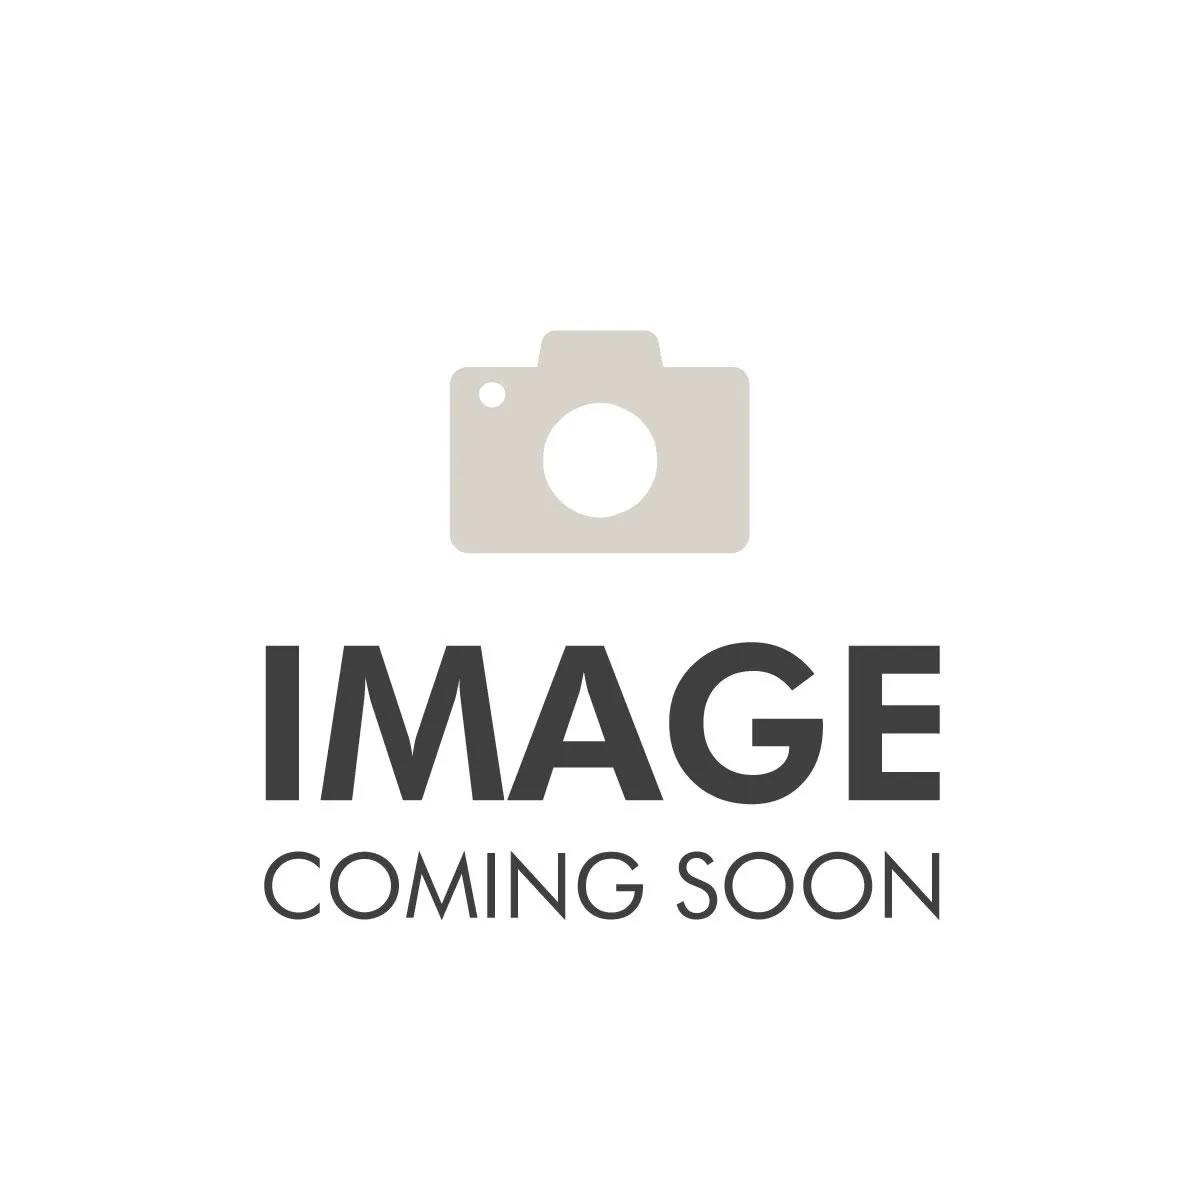 Neoprene Seat Vests, Black, 07-18 Wrangler JK/JL